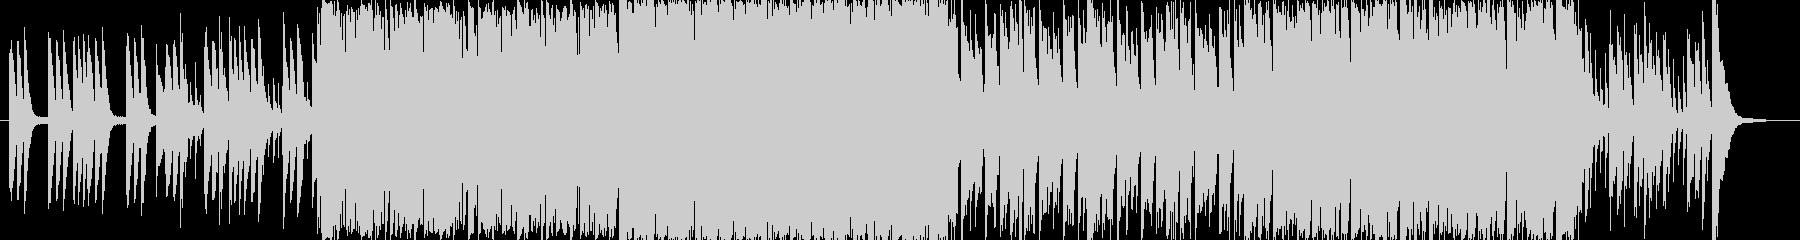 オープニング風の楽しいBGMの未再生の波形